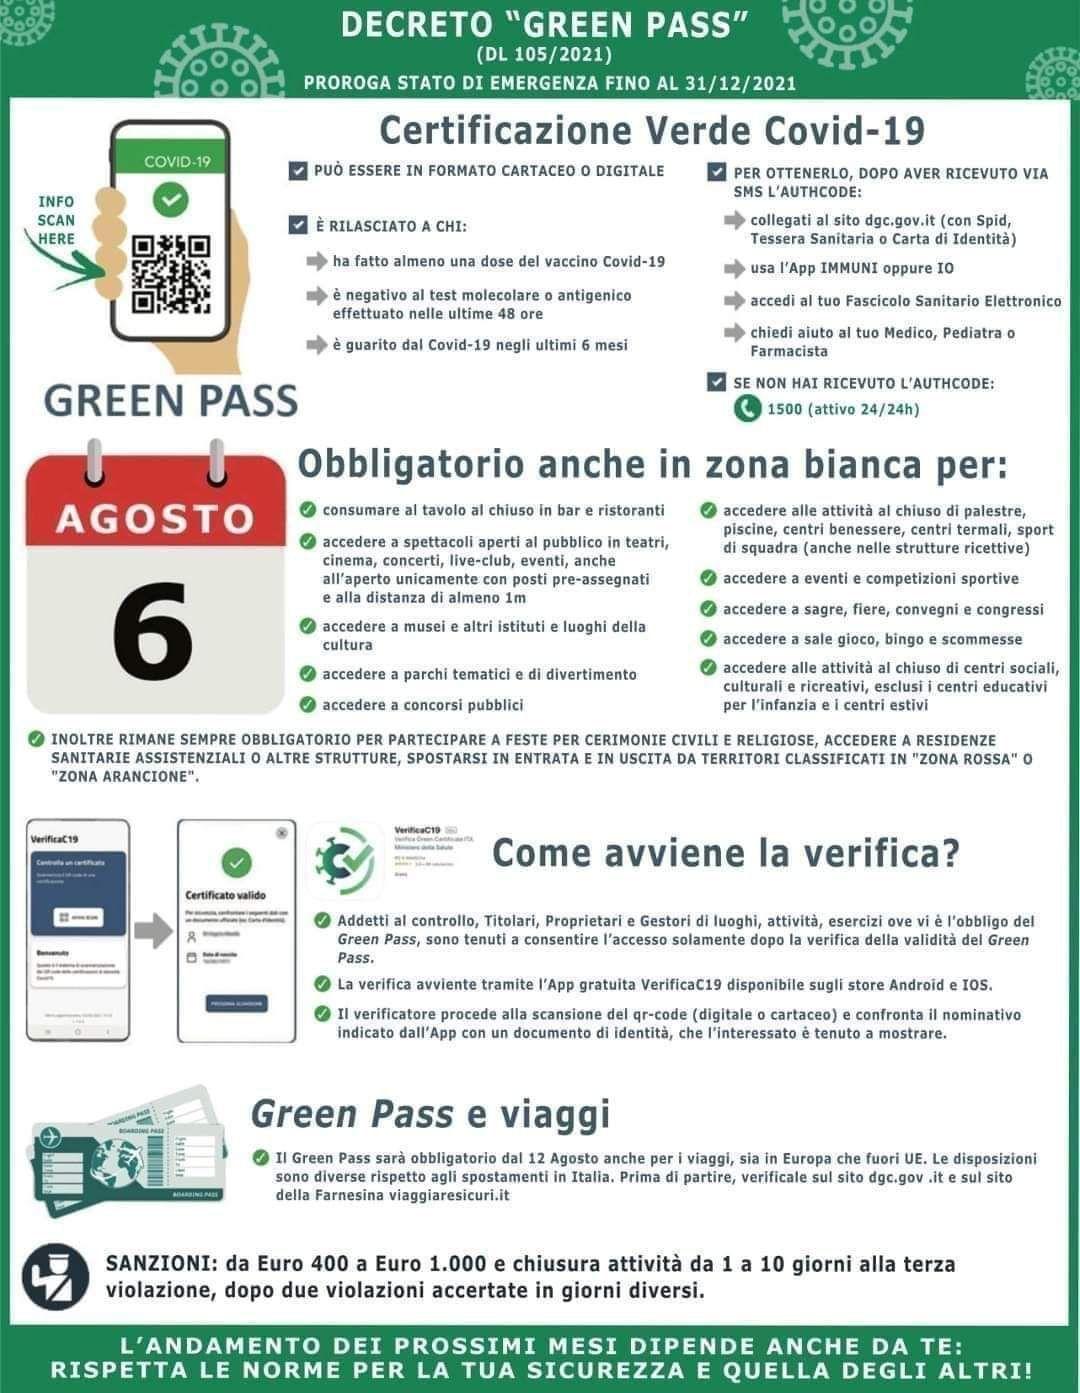 Infografica sul Greenpass - Agosto 2021